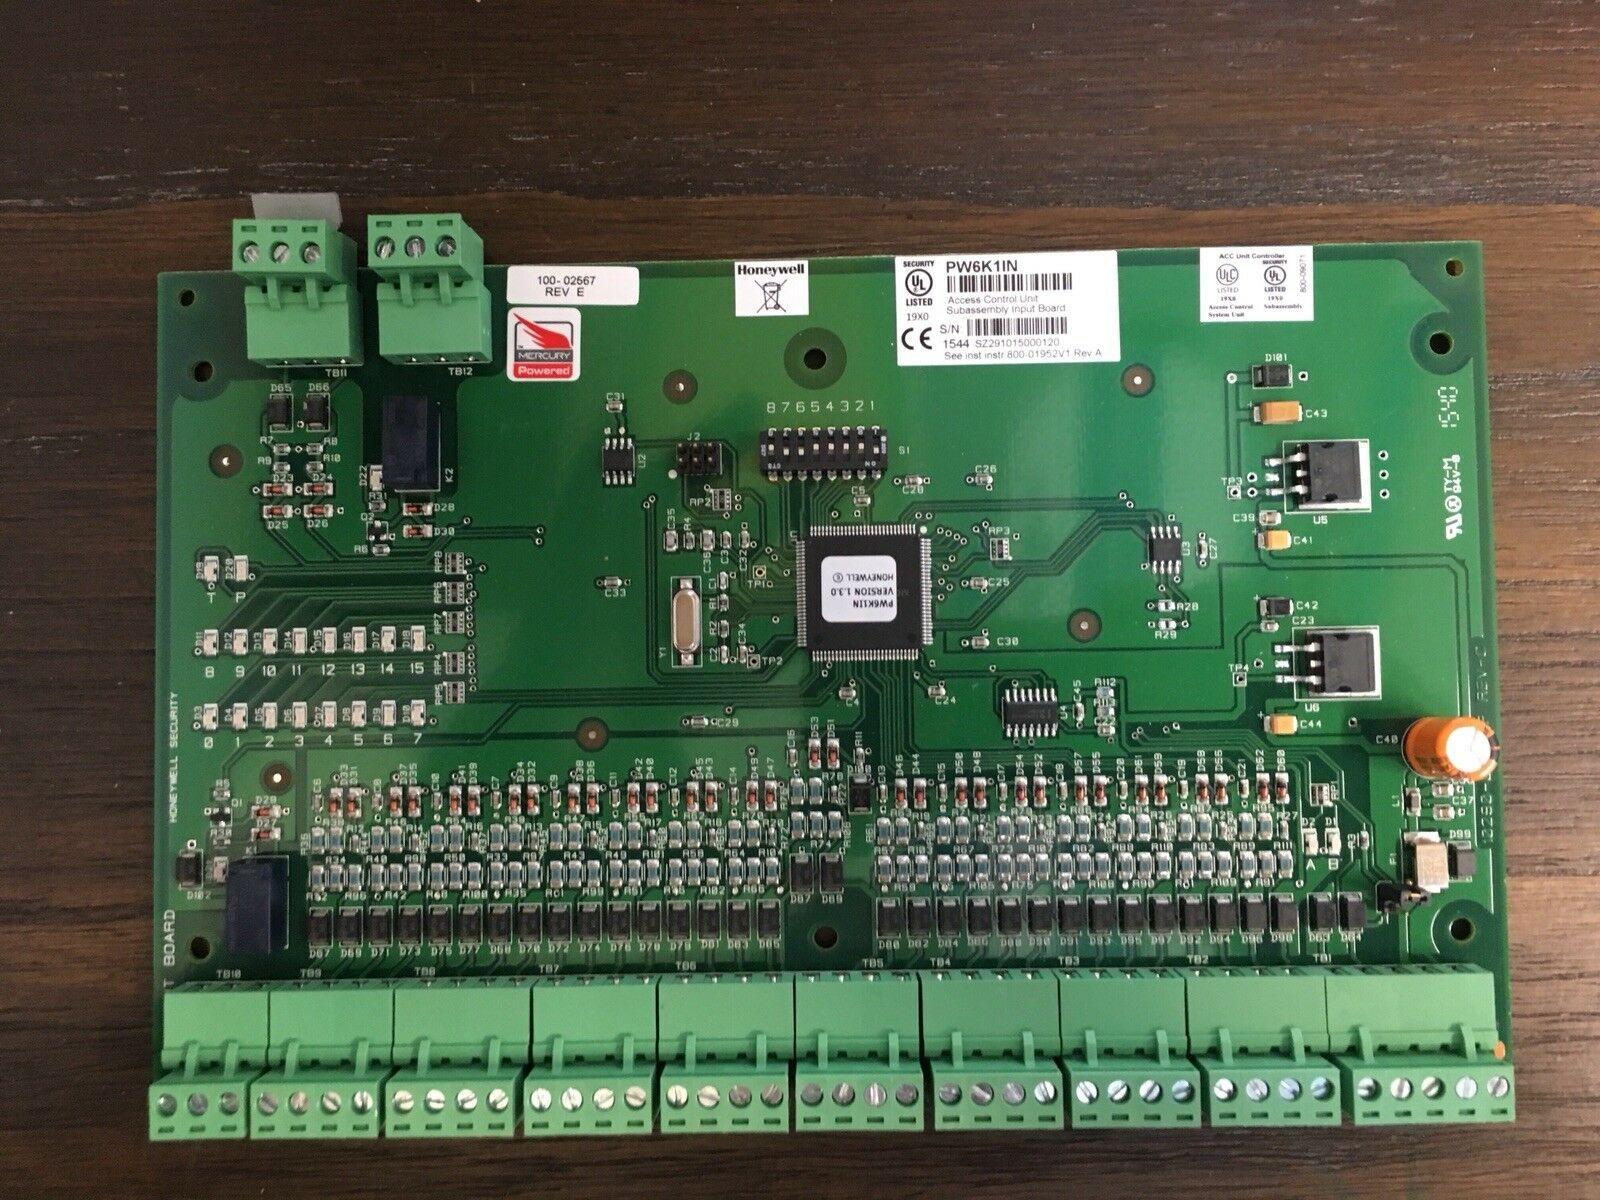 Module mở rộng 16 input PW6K1IN - Hệ thống kiểm soát vào ra Honeywell dòng Pro-Watch